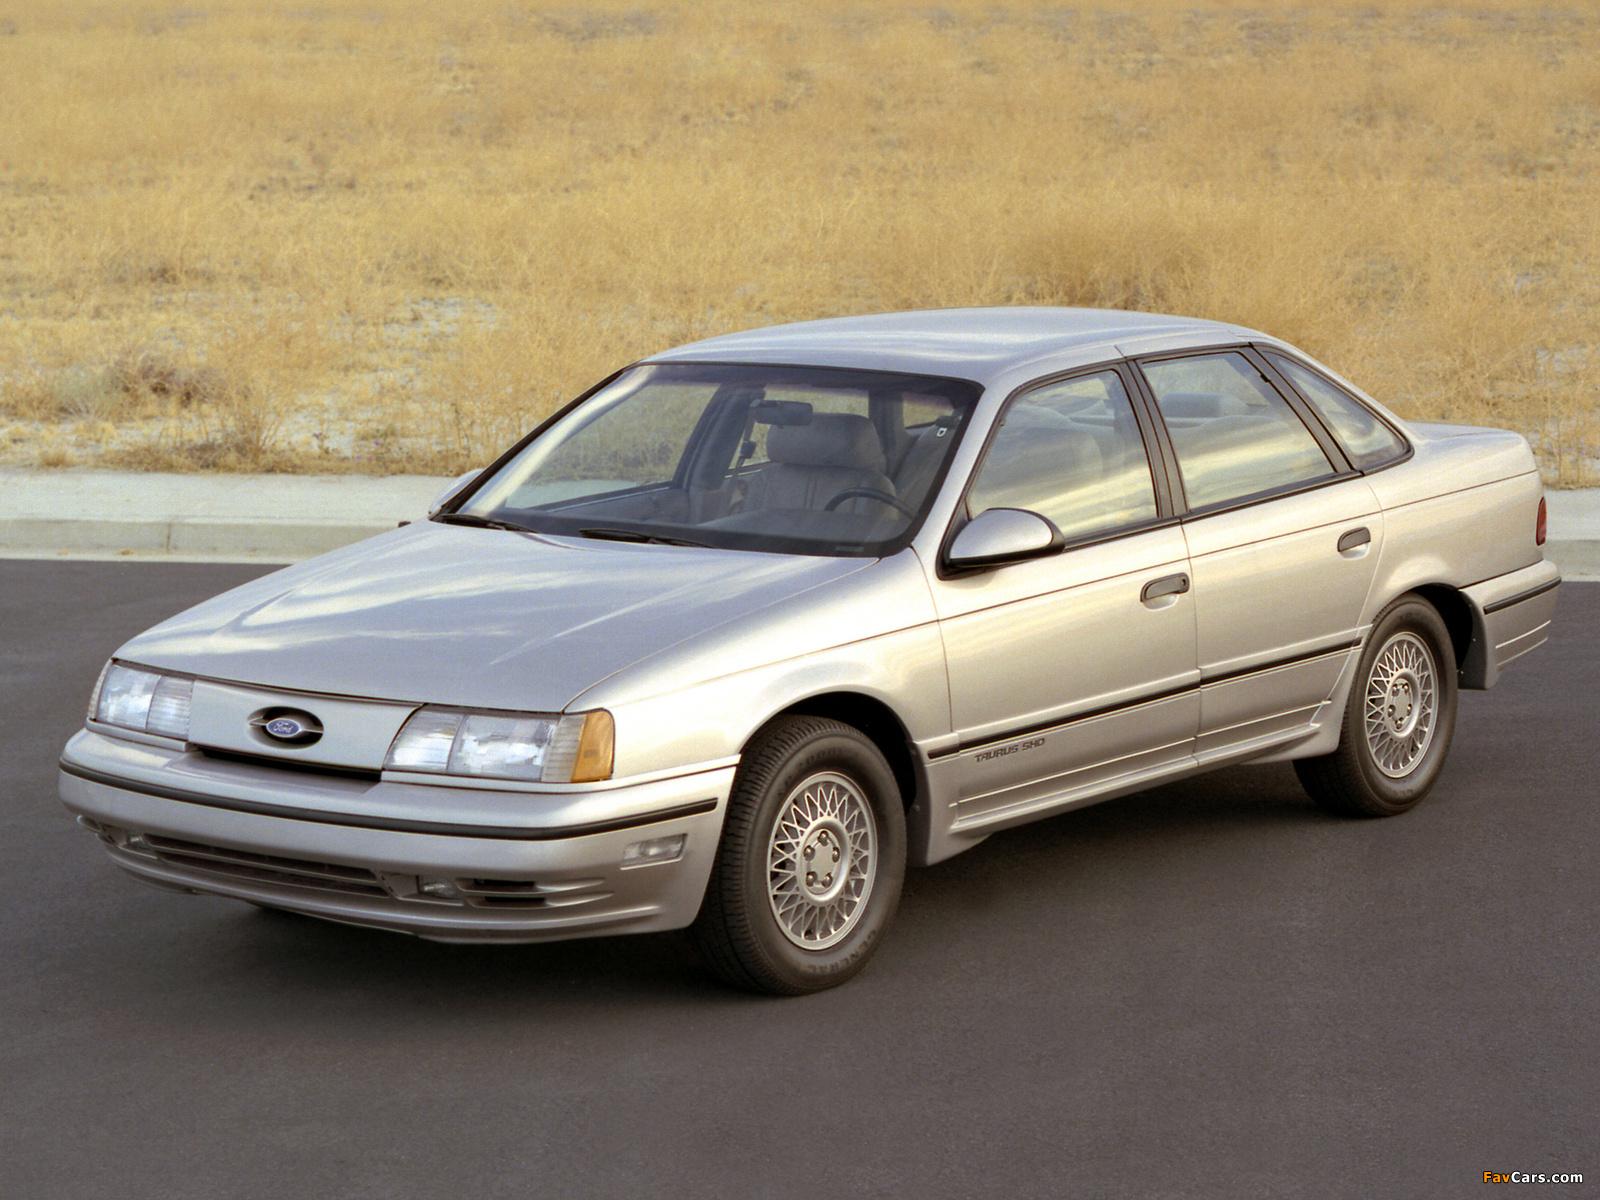 фары форд таурус новые купить 2002 год #11